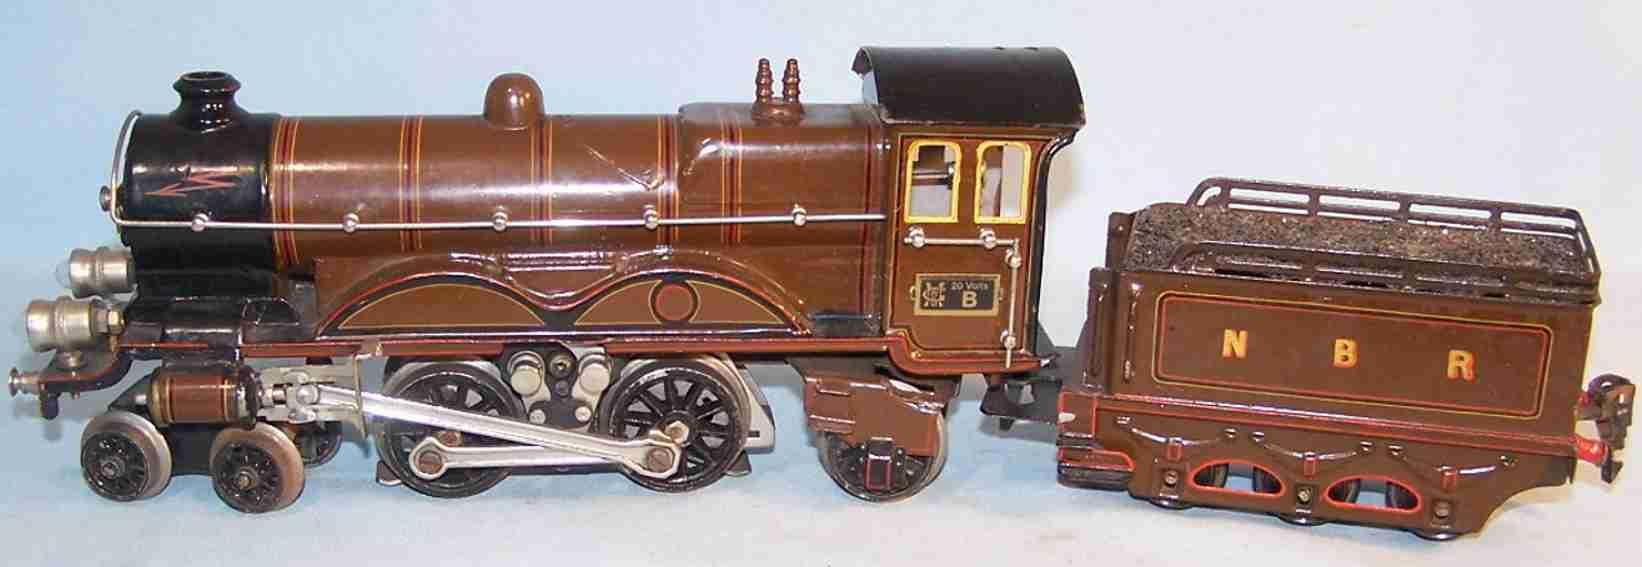 maerklin ce 65/13020 spielzeug eisenbahn englische schnellzug-lokomotive braun spur 0